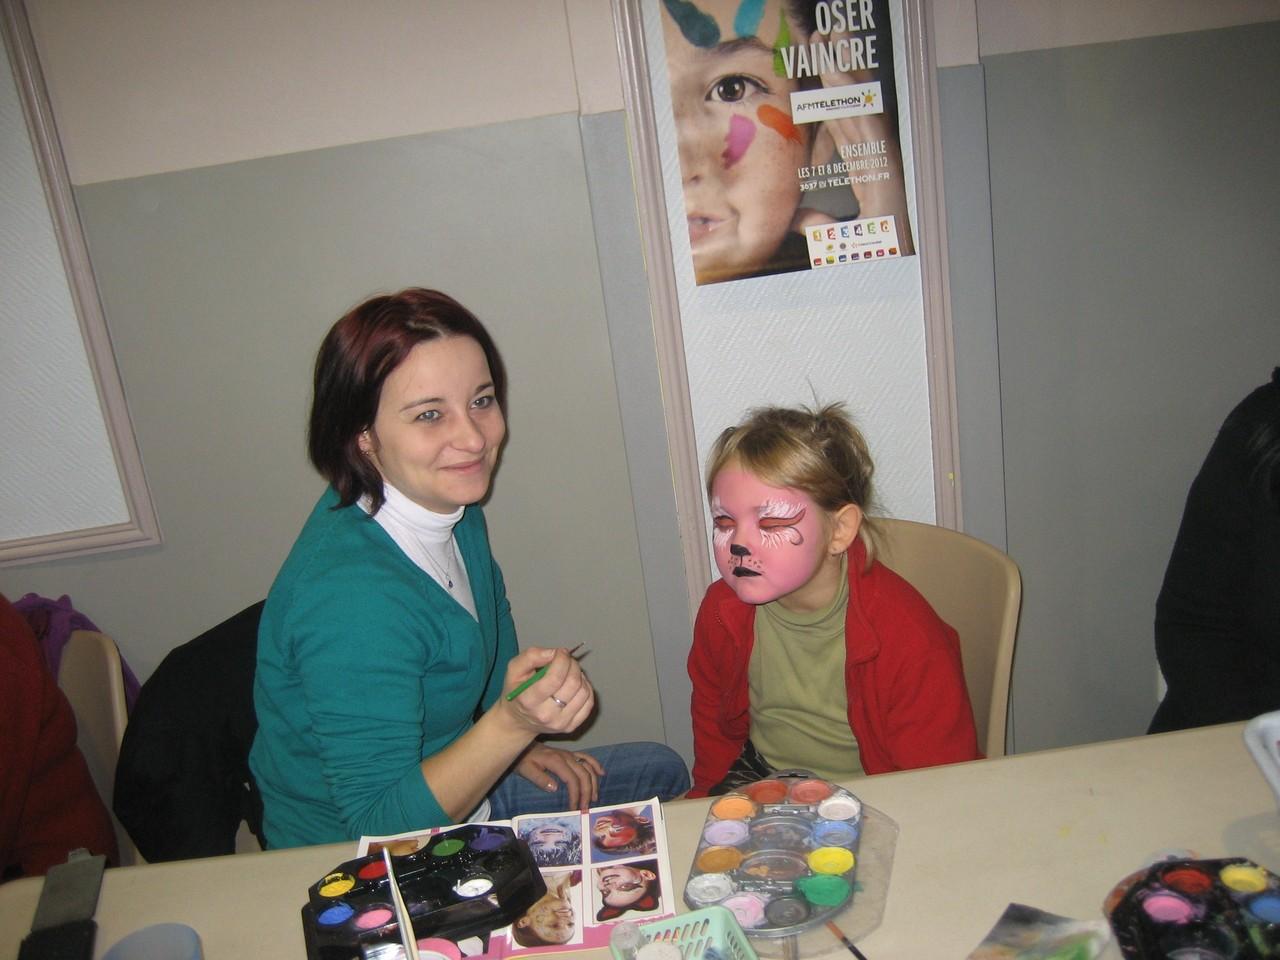 Vacances plurielles a fait le bonheur des enfants avec ses maquillages